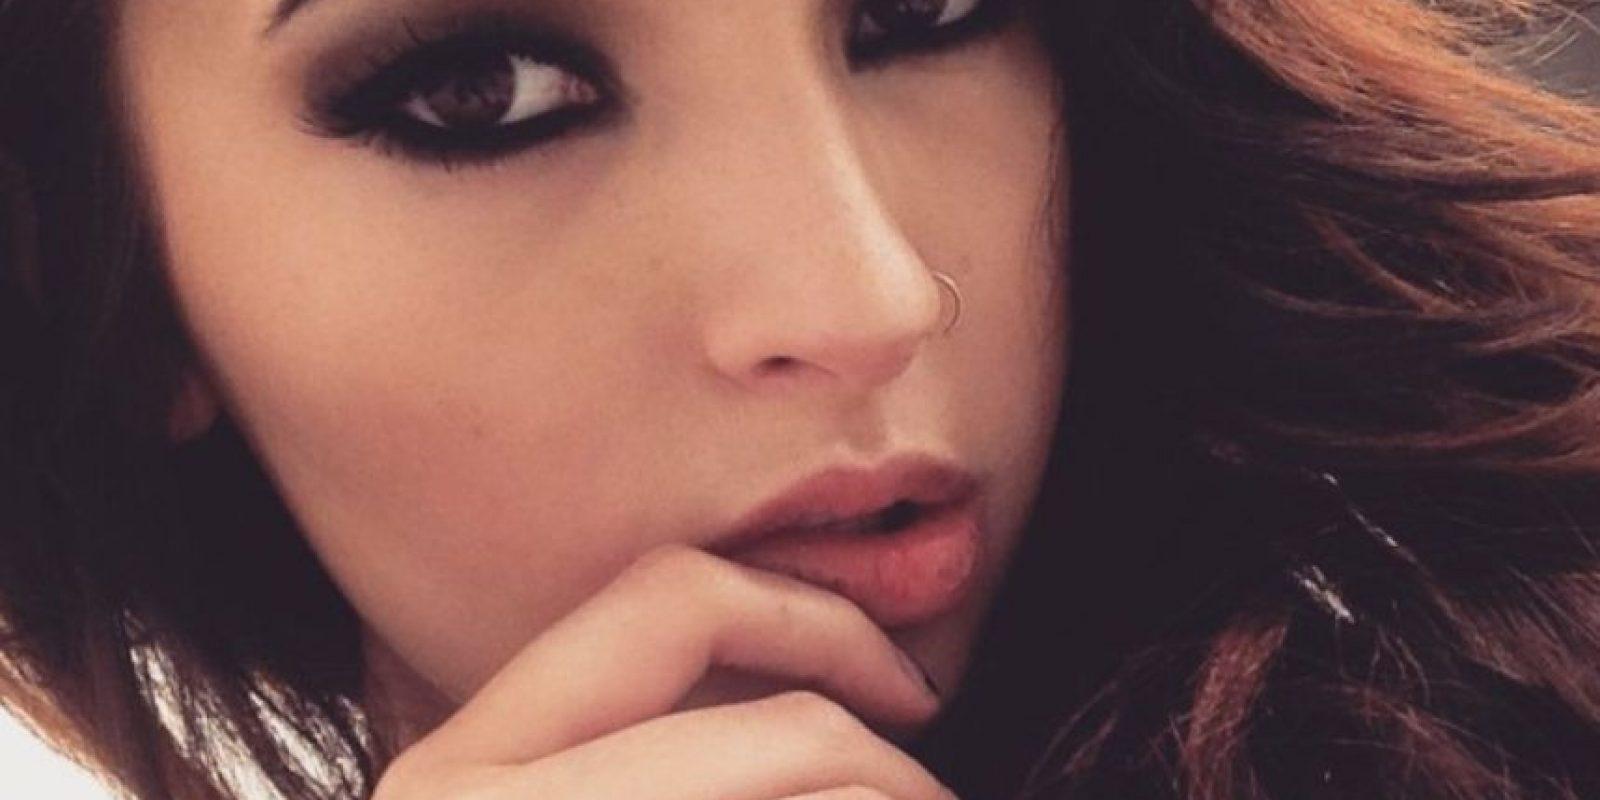 Estudió maquillaje artístico en Canadá. Tiene 24 años. Foto:Laura Sánchez Makeup/Instagram